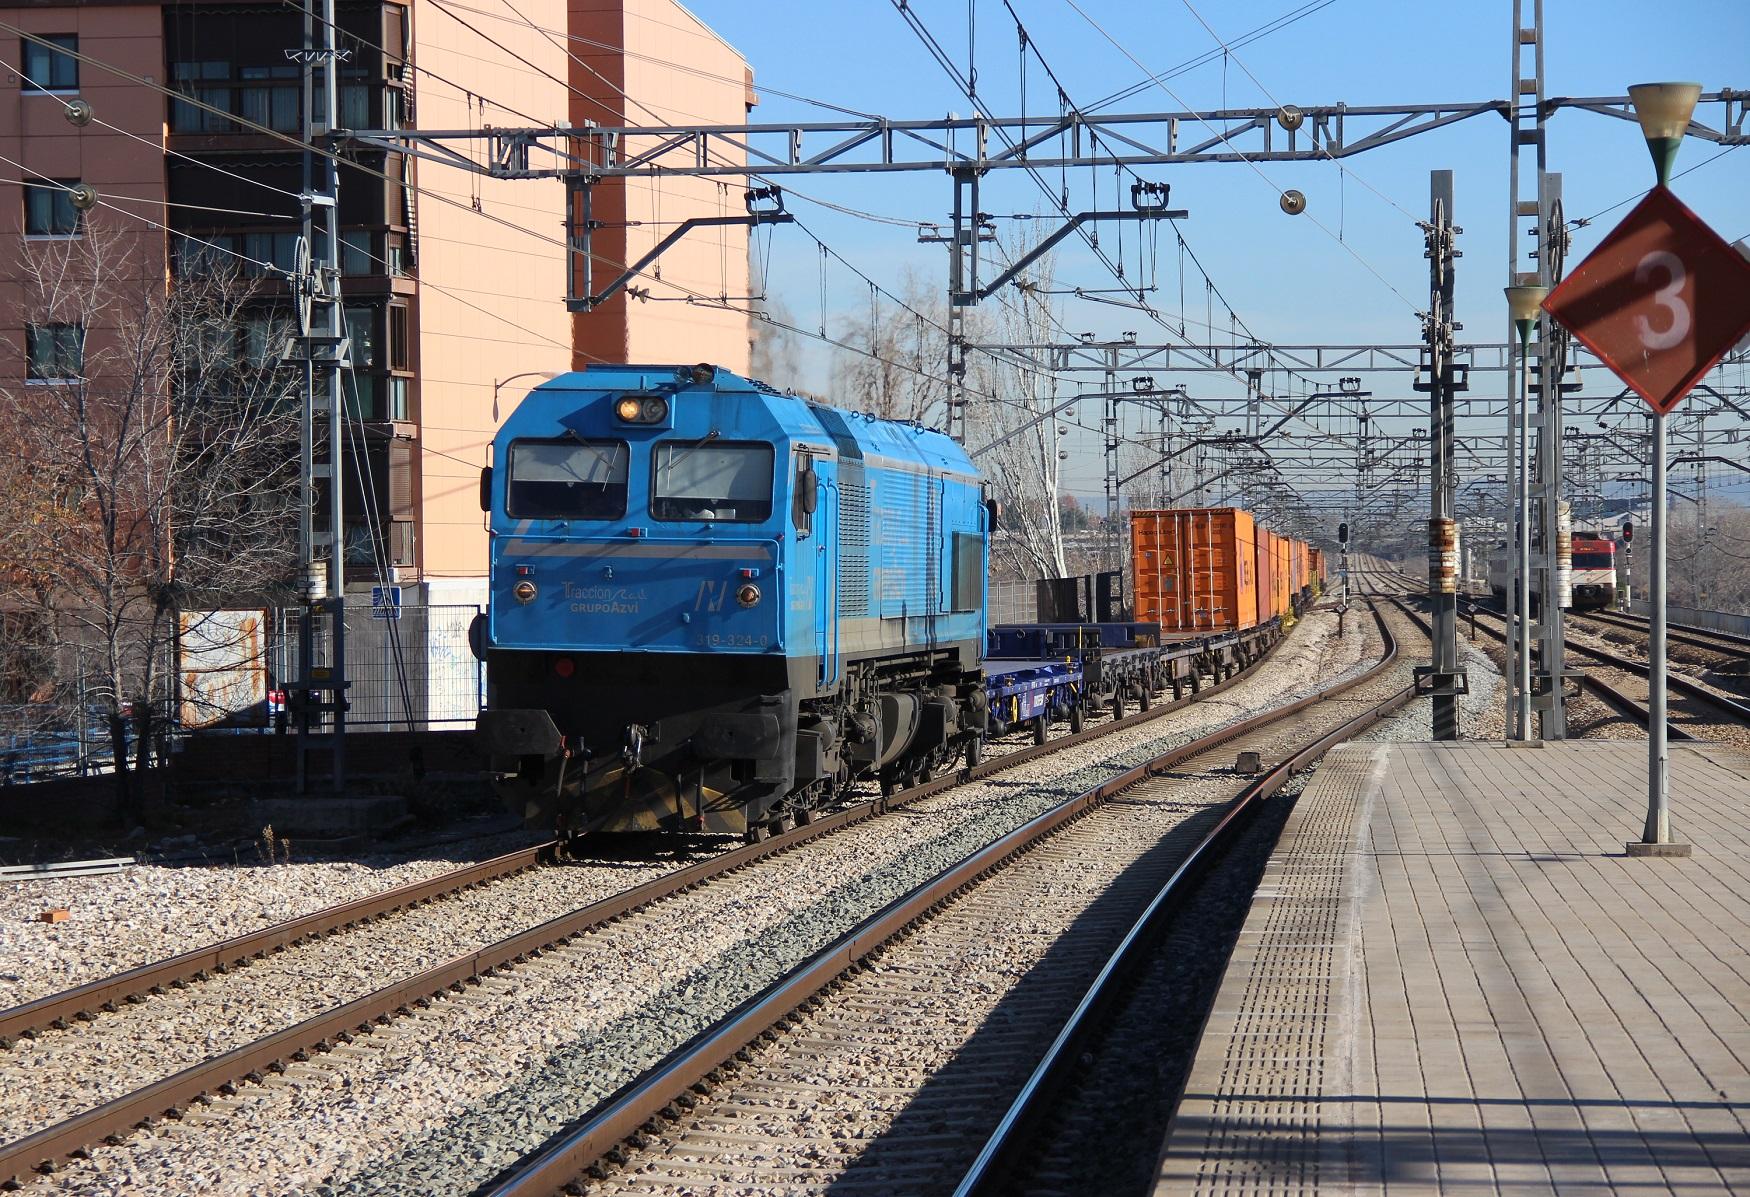 Circulación de un tren de Tracción Rail desde Zaragoza llegando a Madrid.